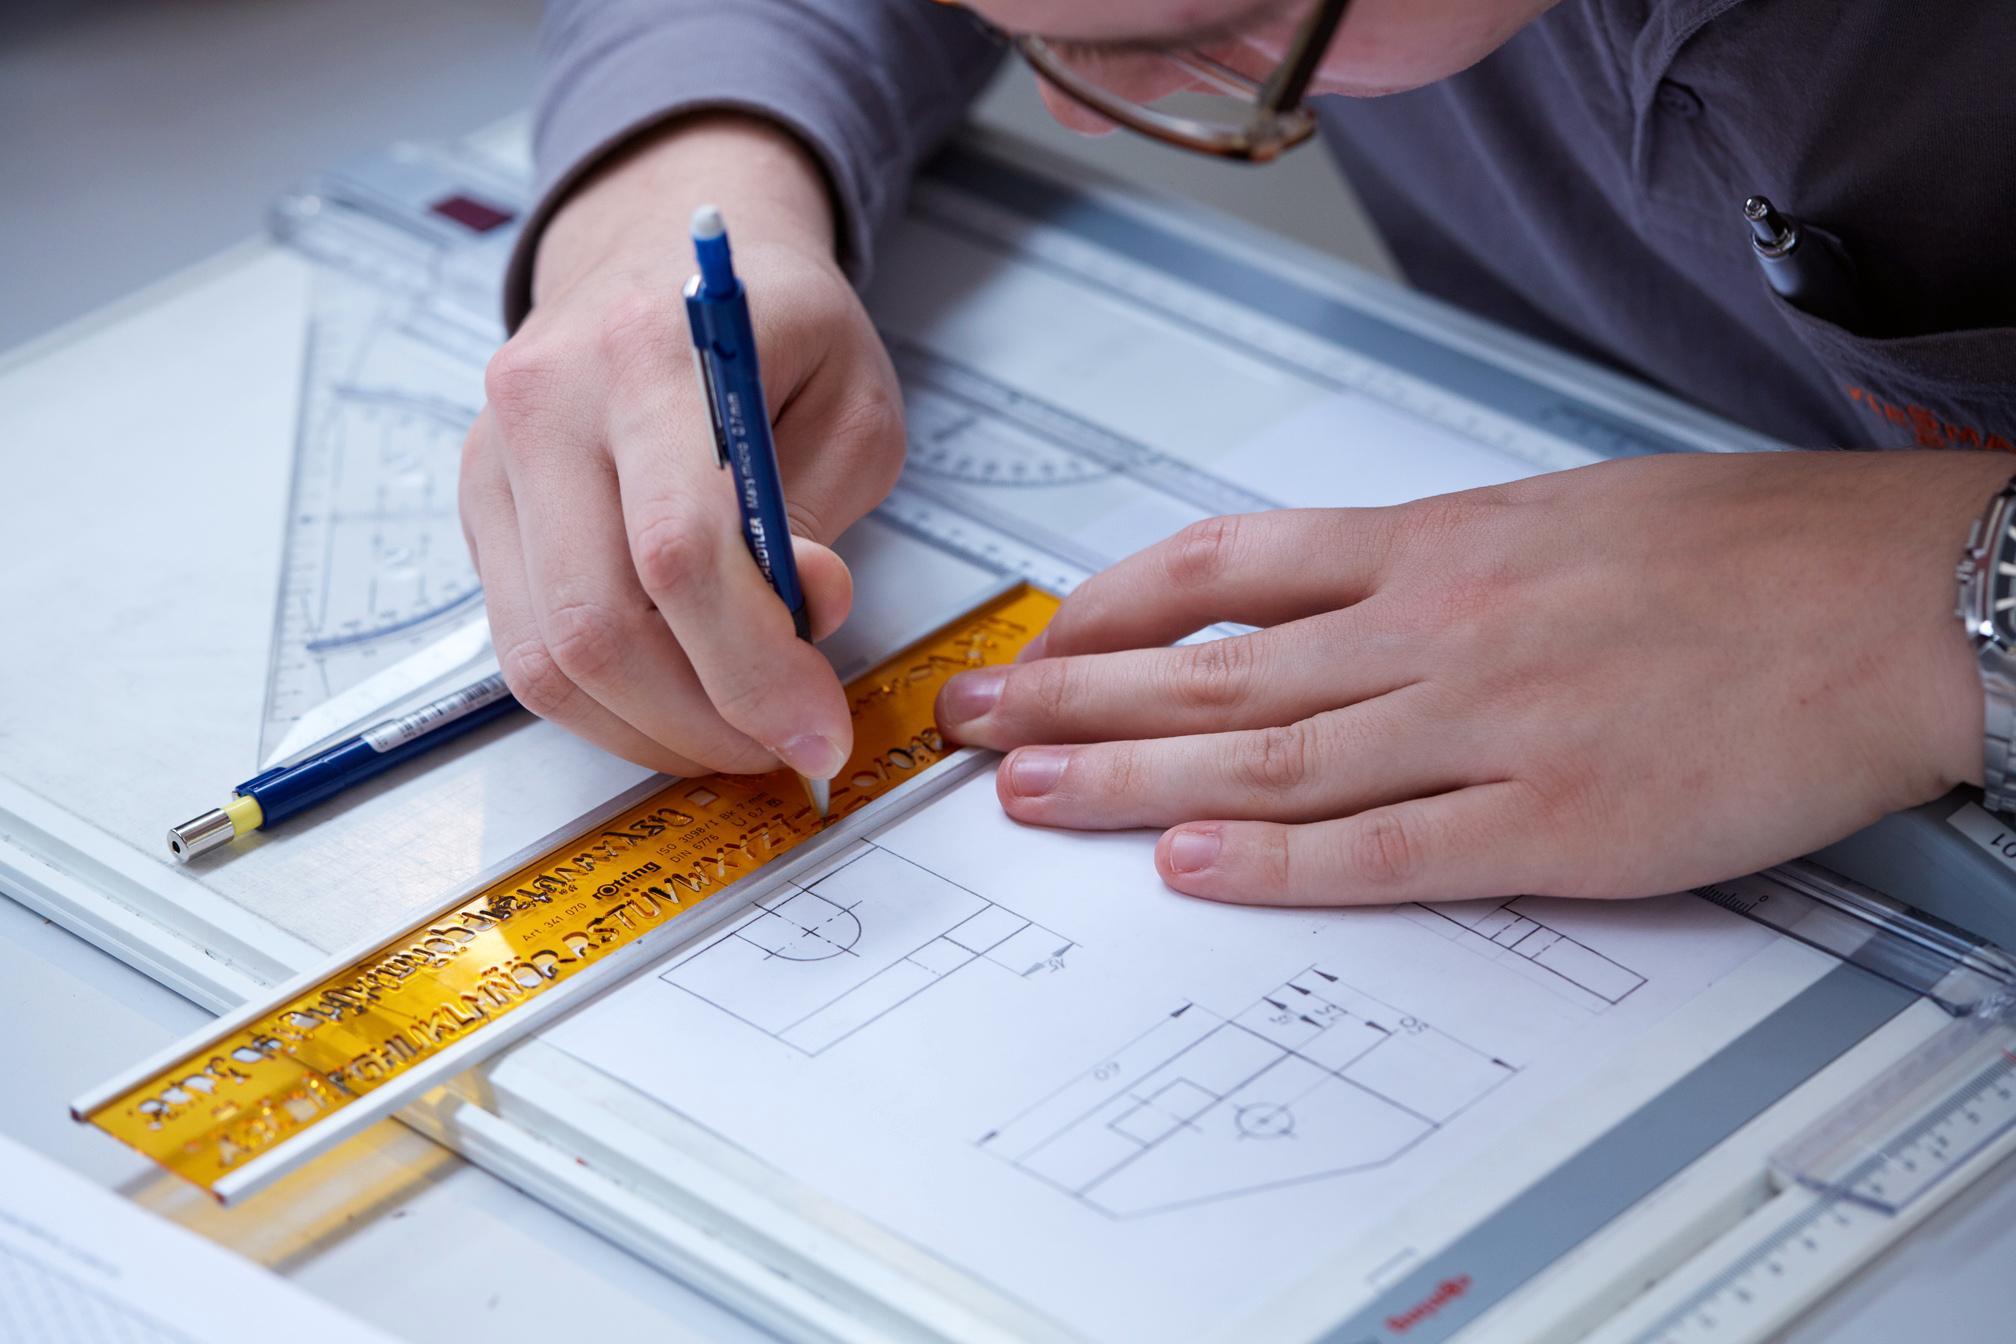 Das Bild zeigt einen Mitarbeiter, der eine technische Zeichnung erstellt.